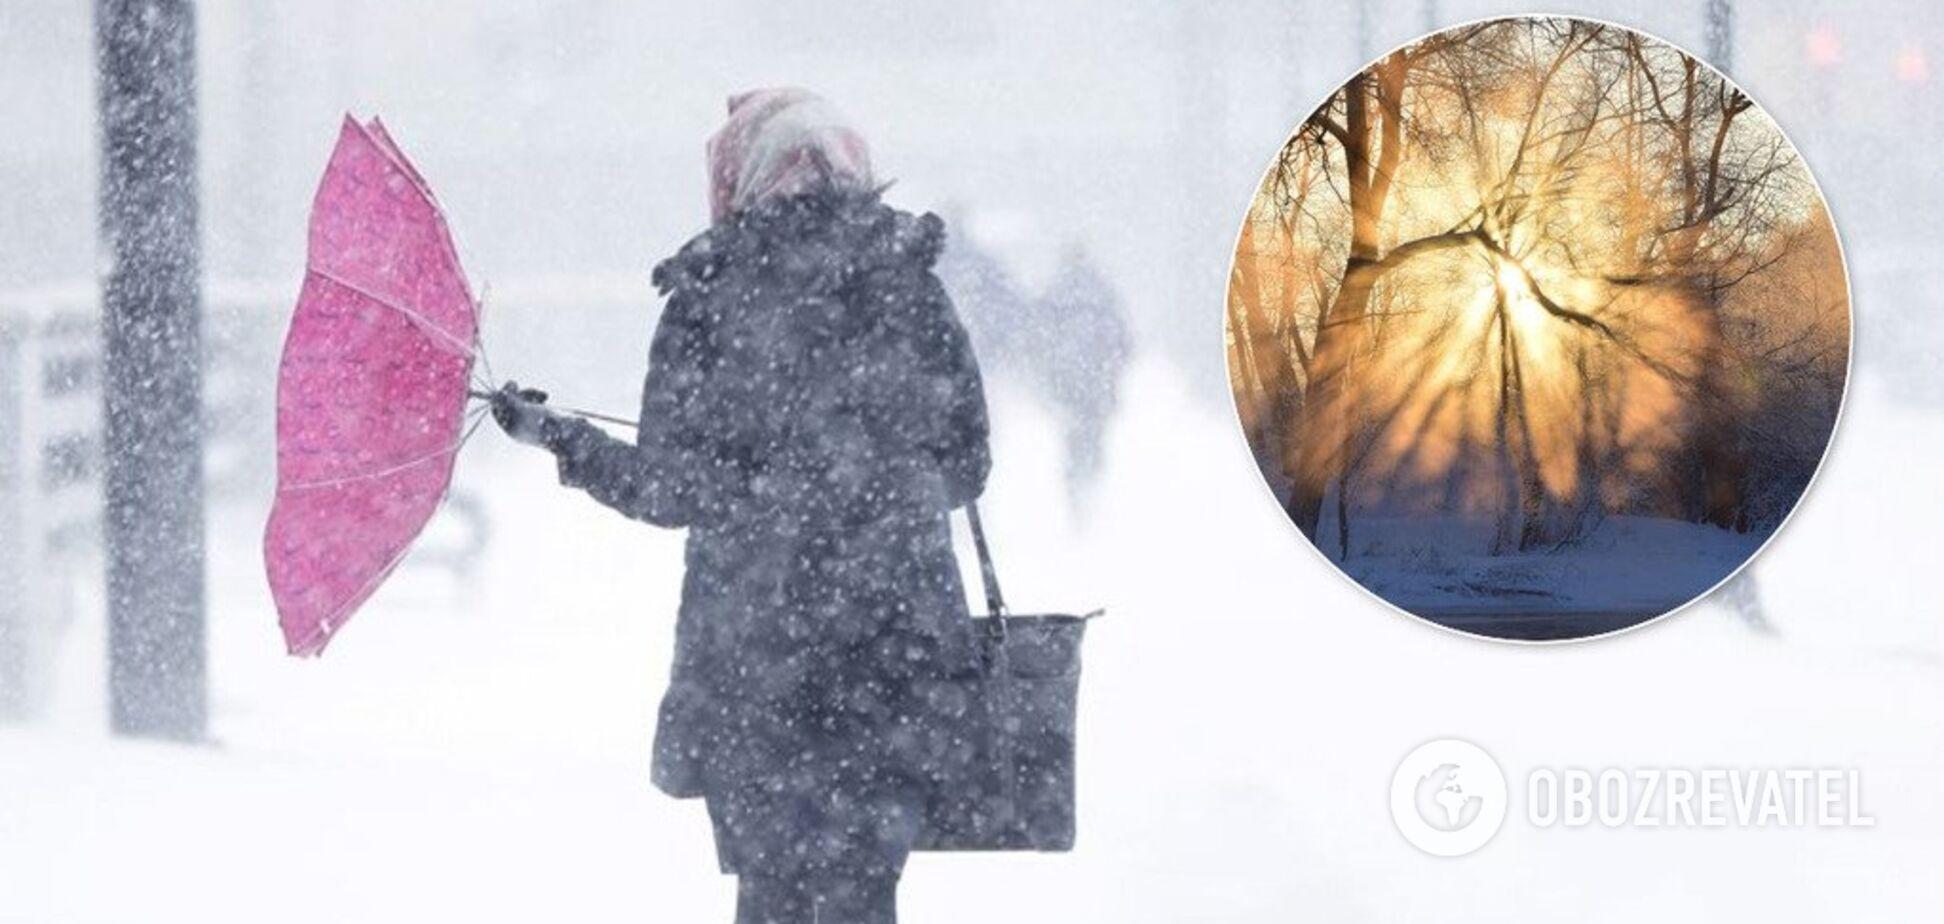 Циклон Юлия нанесет мощный удар по Украине: синоптики уточнили прогноз погоды